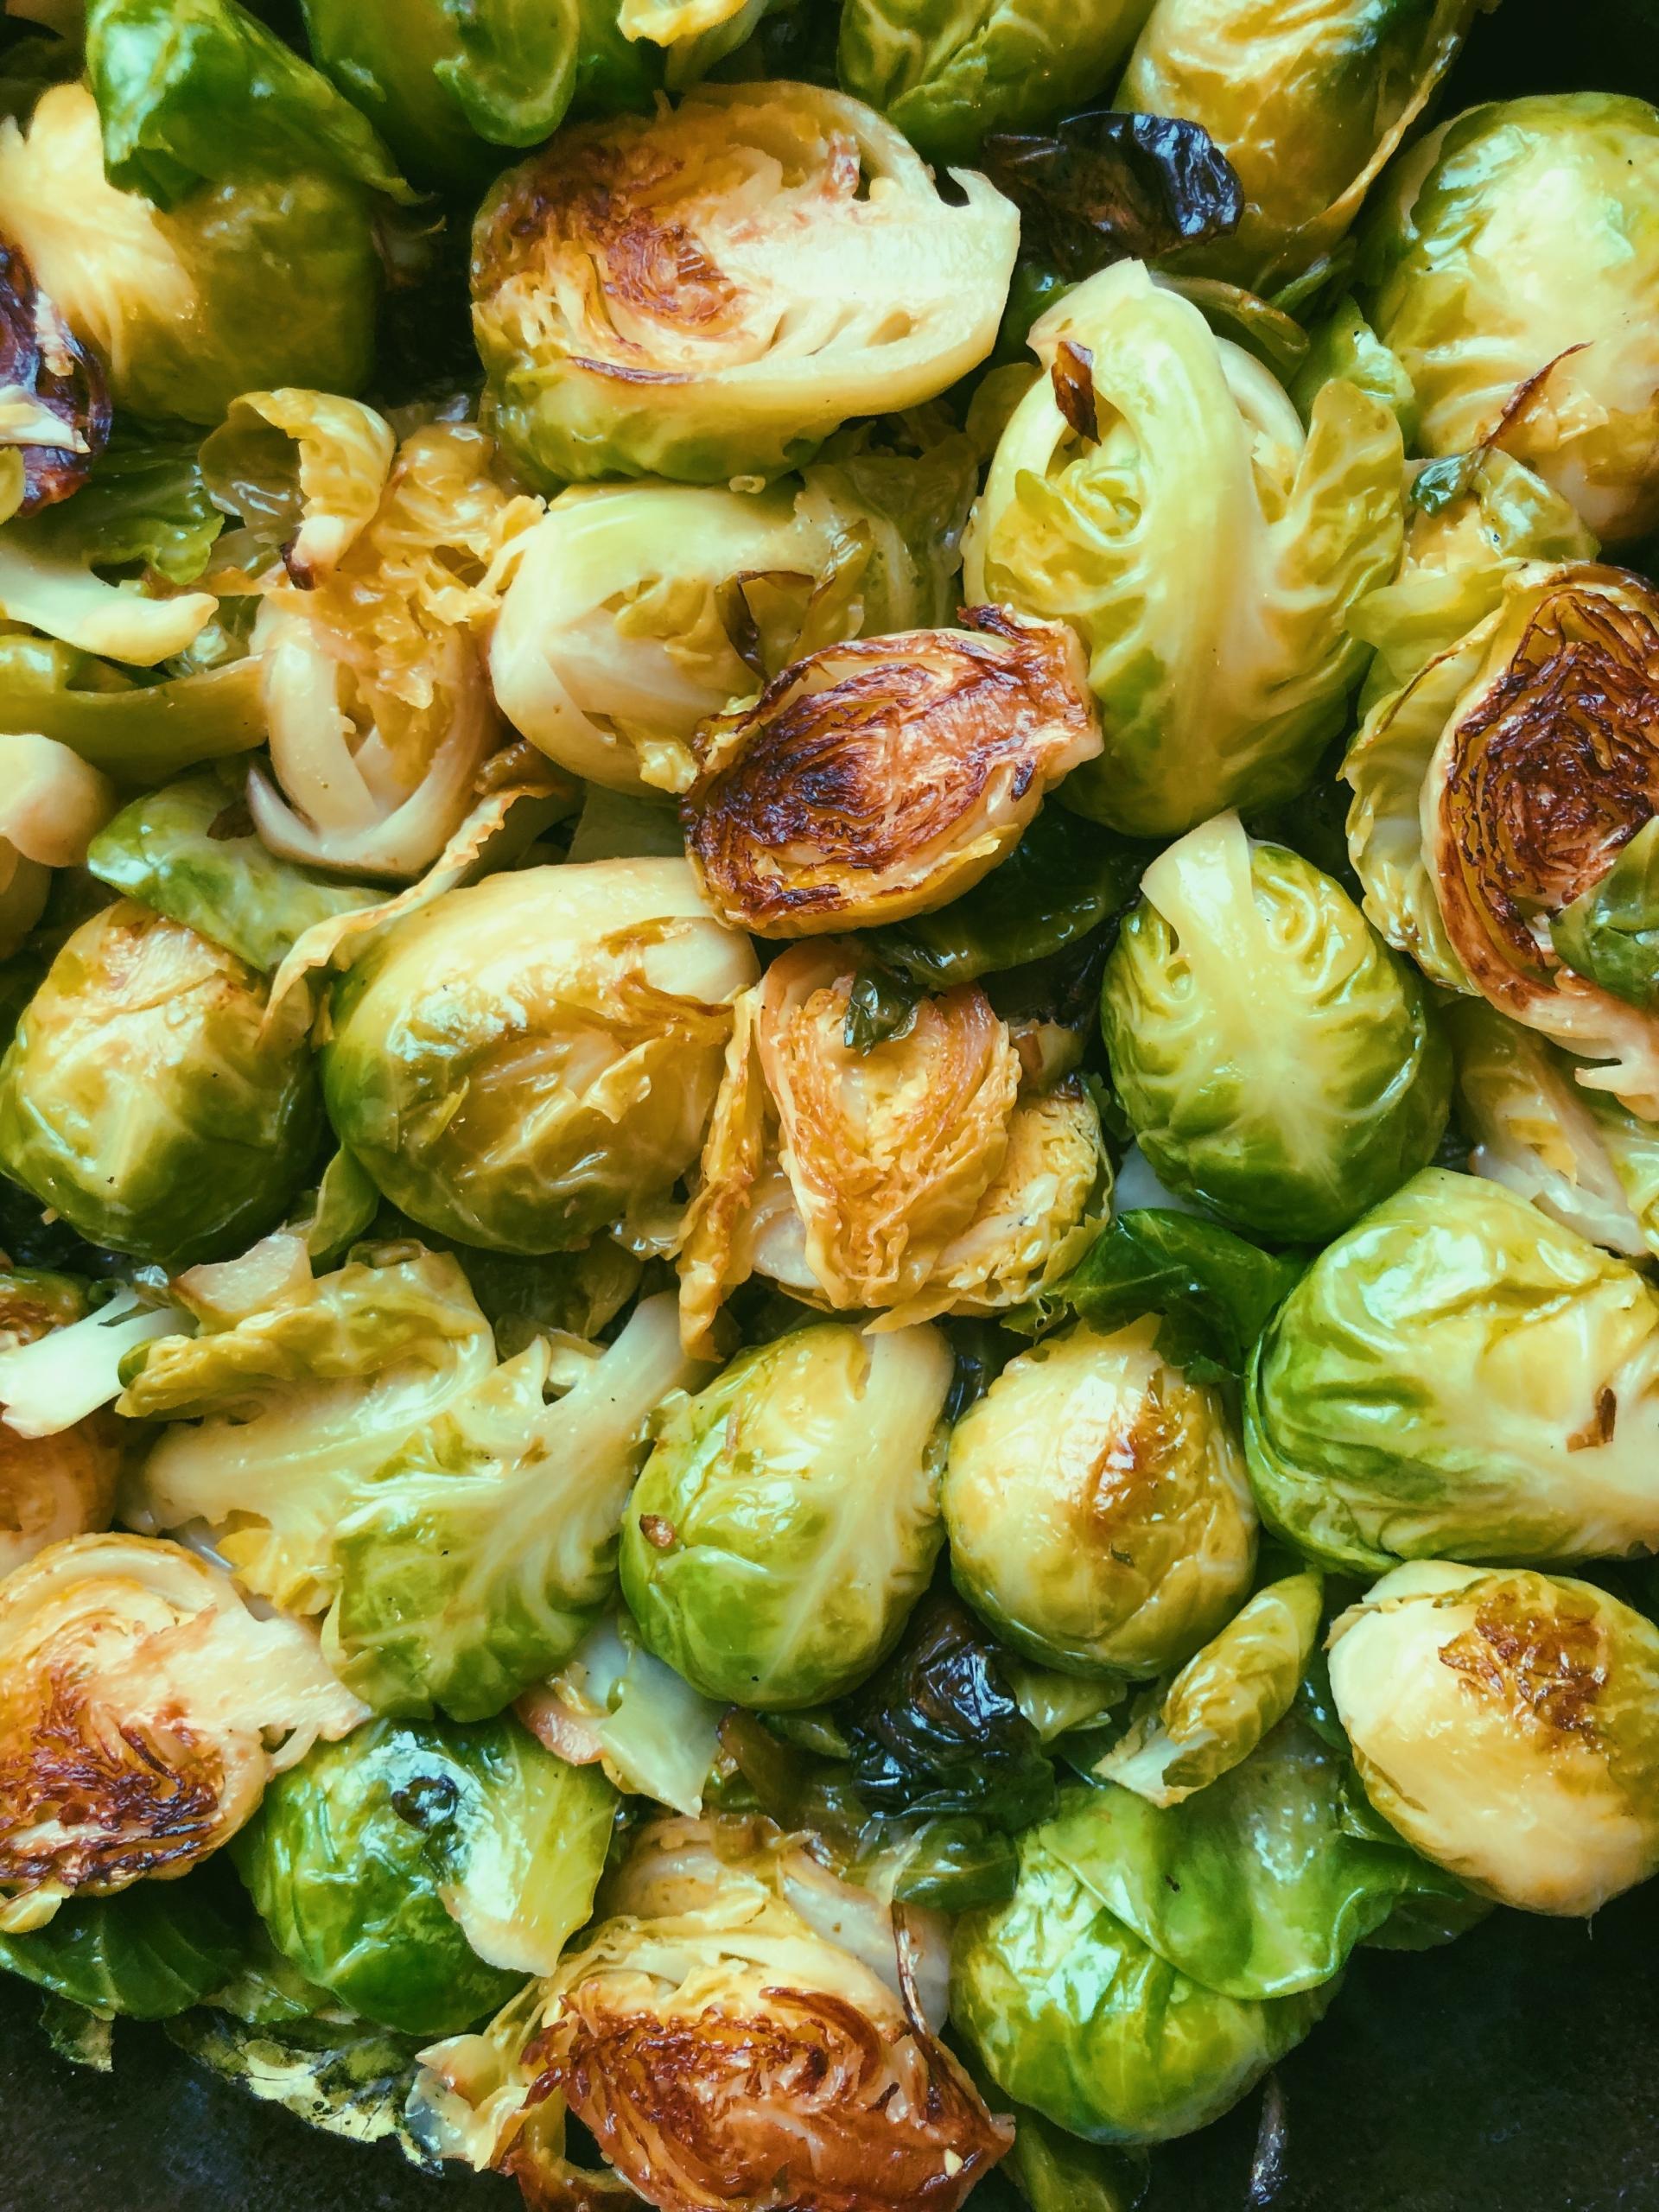 easy lemon garlic pan-fried brussels sprouts grain free scd diet